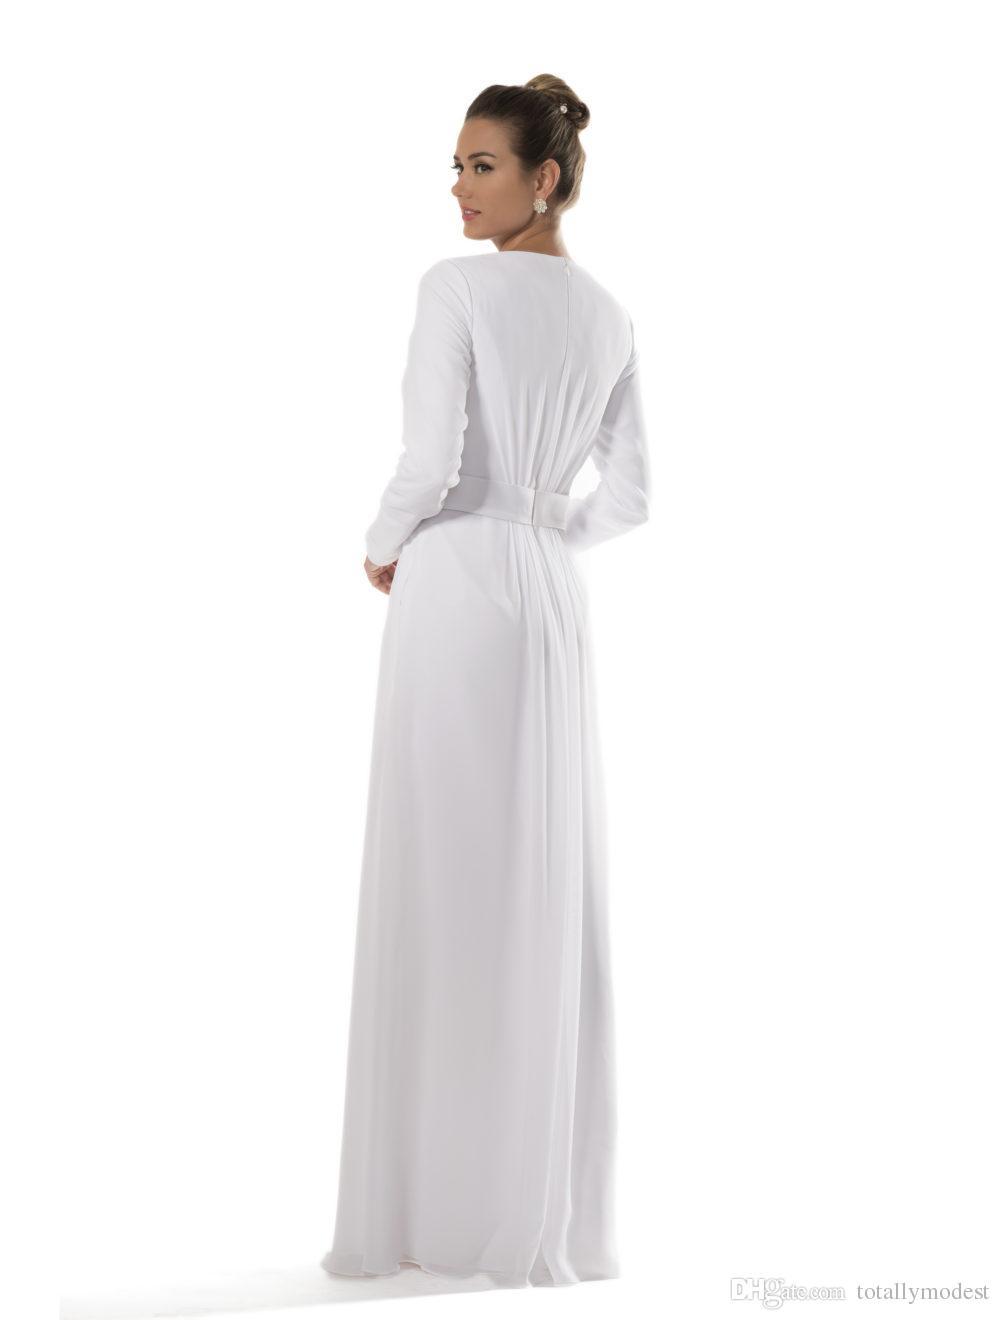 Templo de chiffon branco Vestidos de dama de honra modestos com mangas compridas Noivas Vestidos de recepção informais A linha Até o chão Novo Custom Made